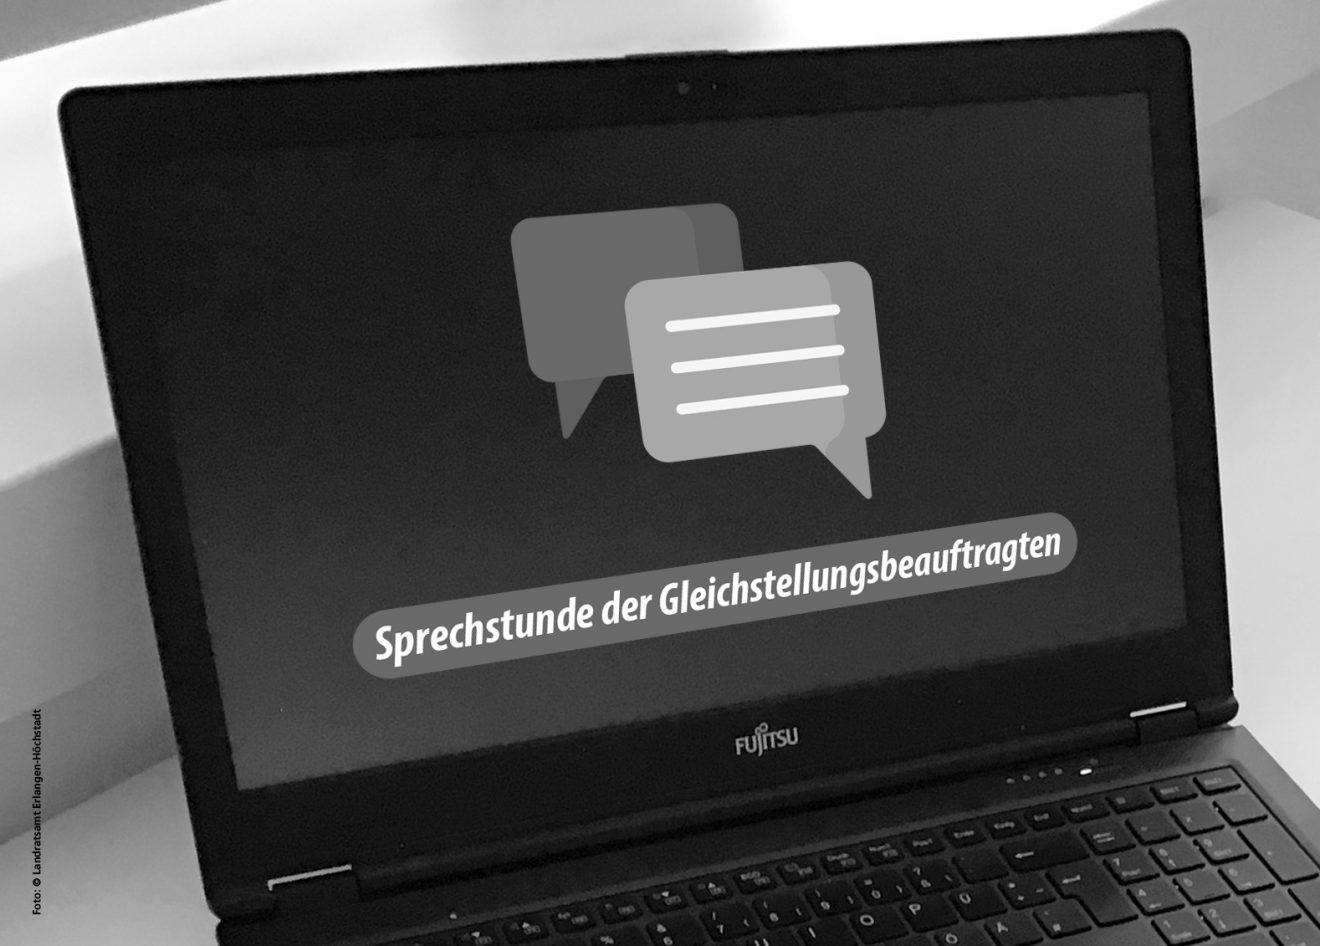 Online-Sprechstunde der Gleichstellungsbeauftragten des Landkreises Erlangen-Höchstadt und der Stadt Erlangen